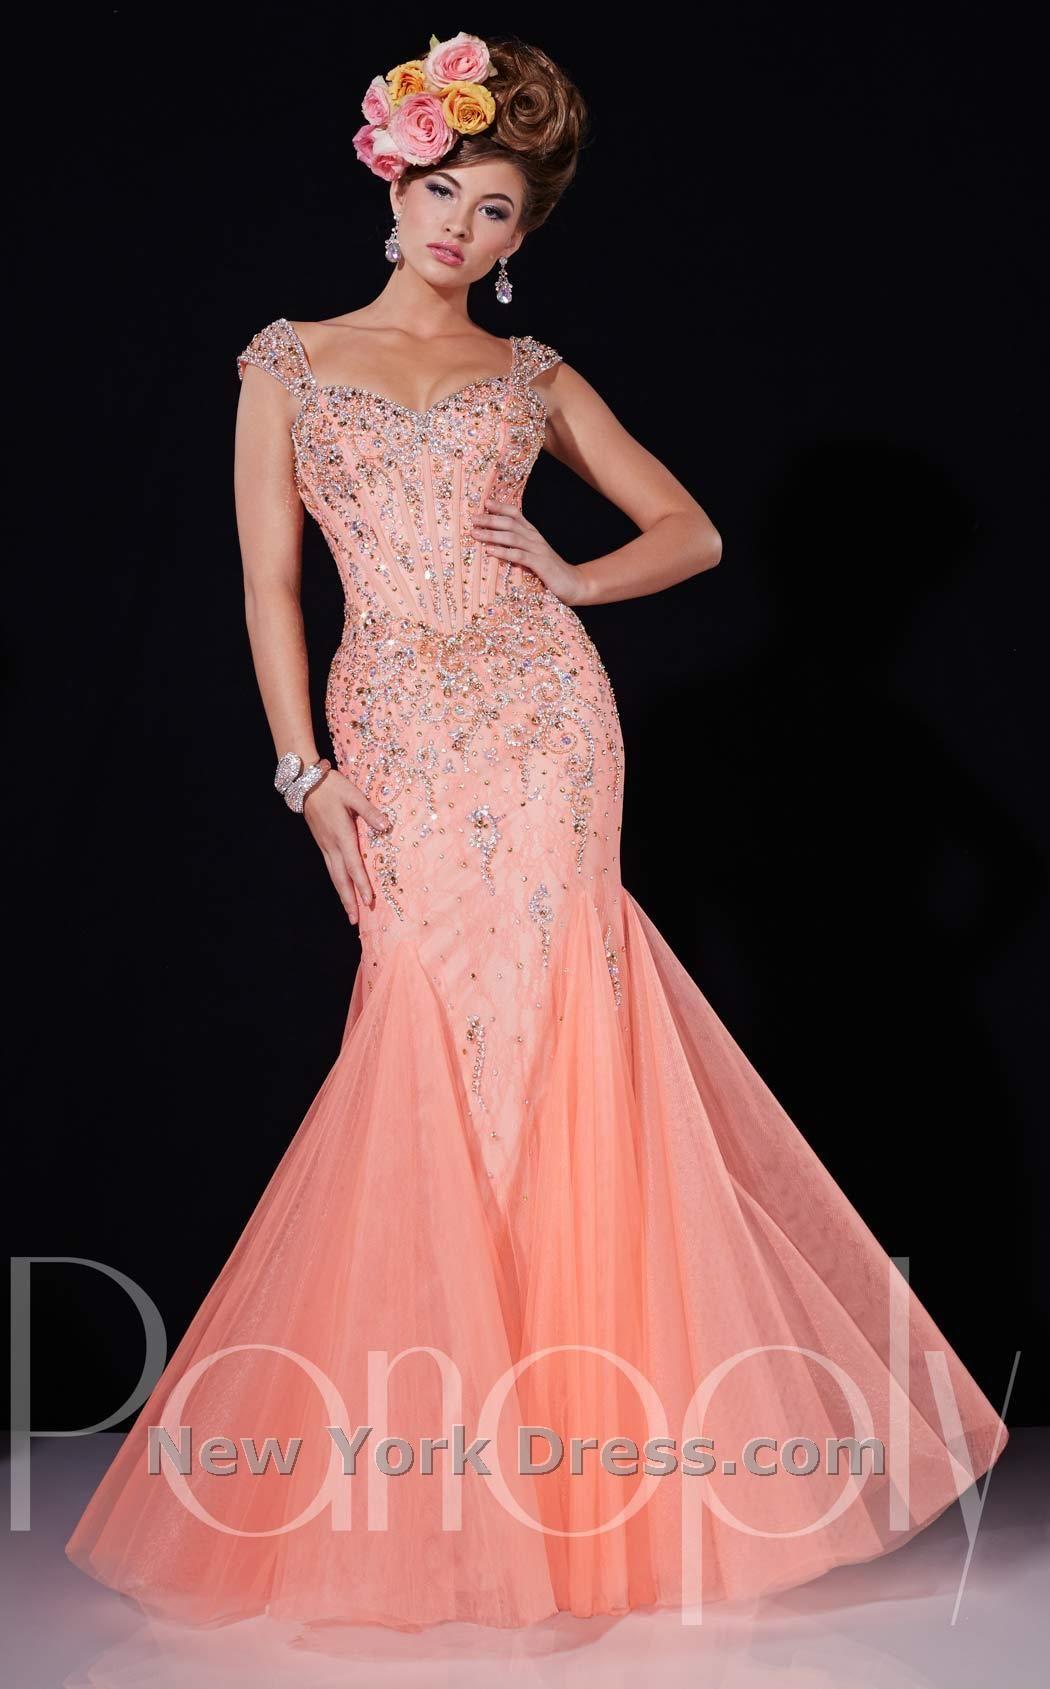 Hermosa Gatsby Style Party Dress Imágenes - Colección de Vestidos de ...